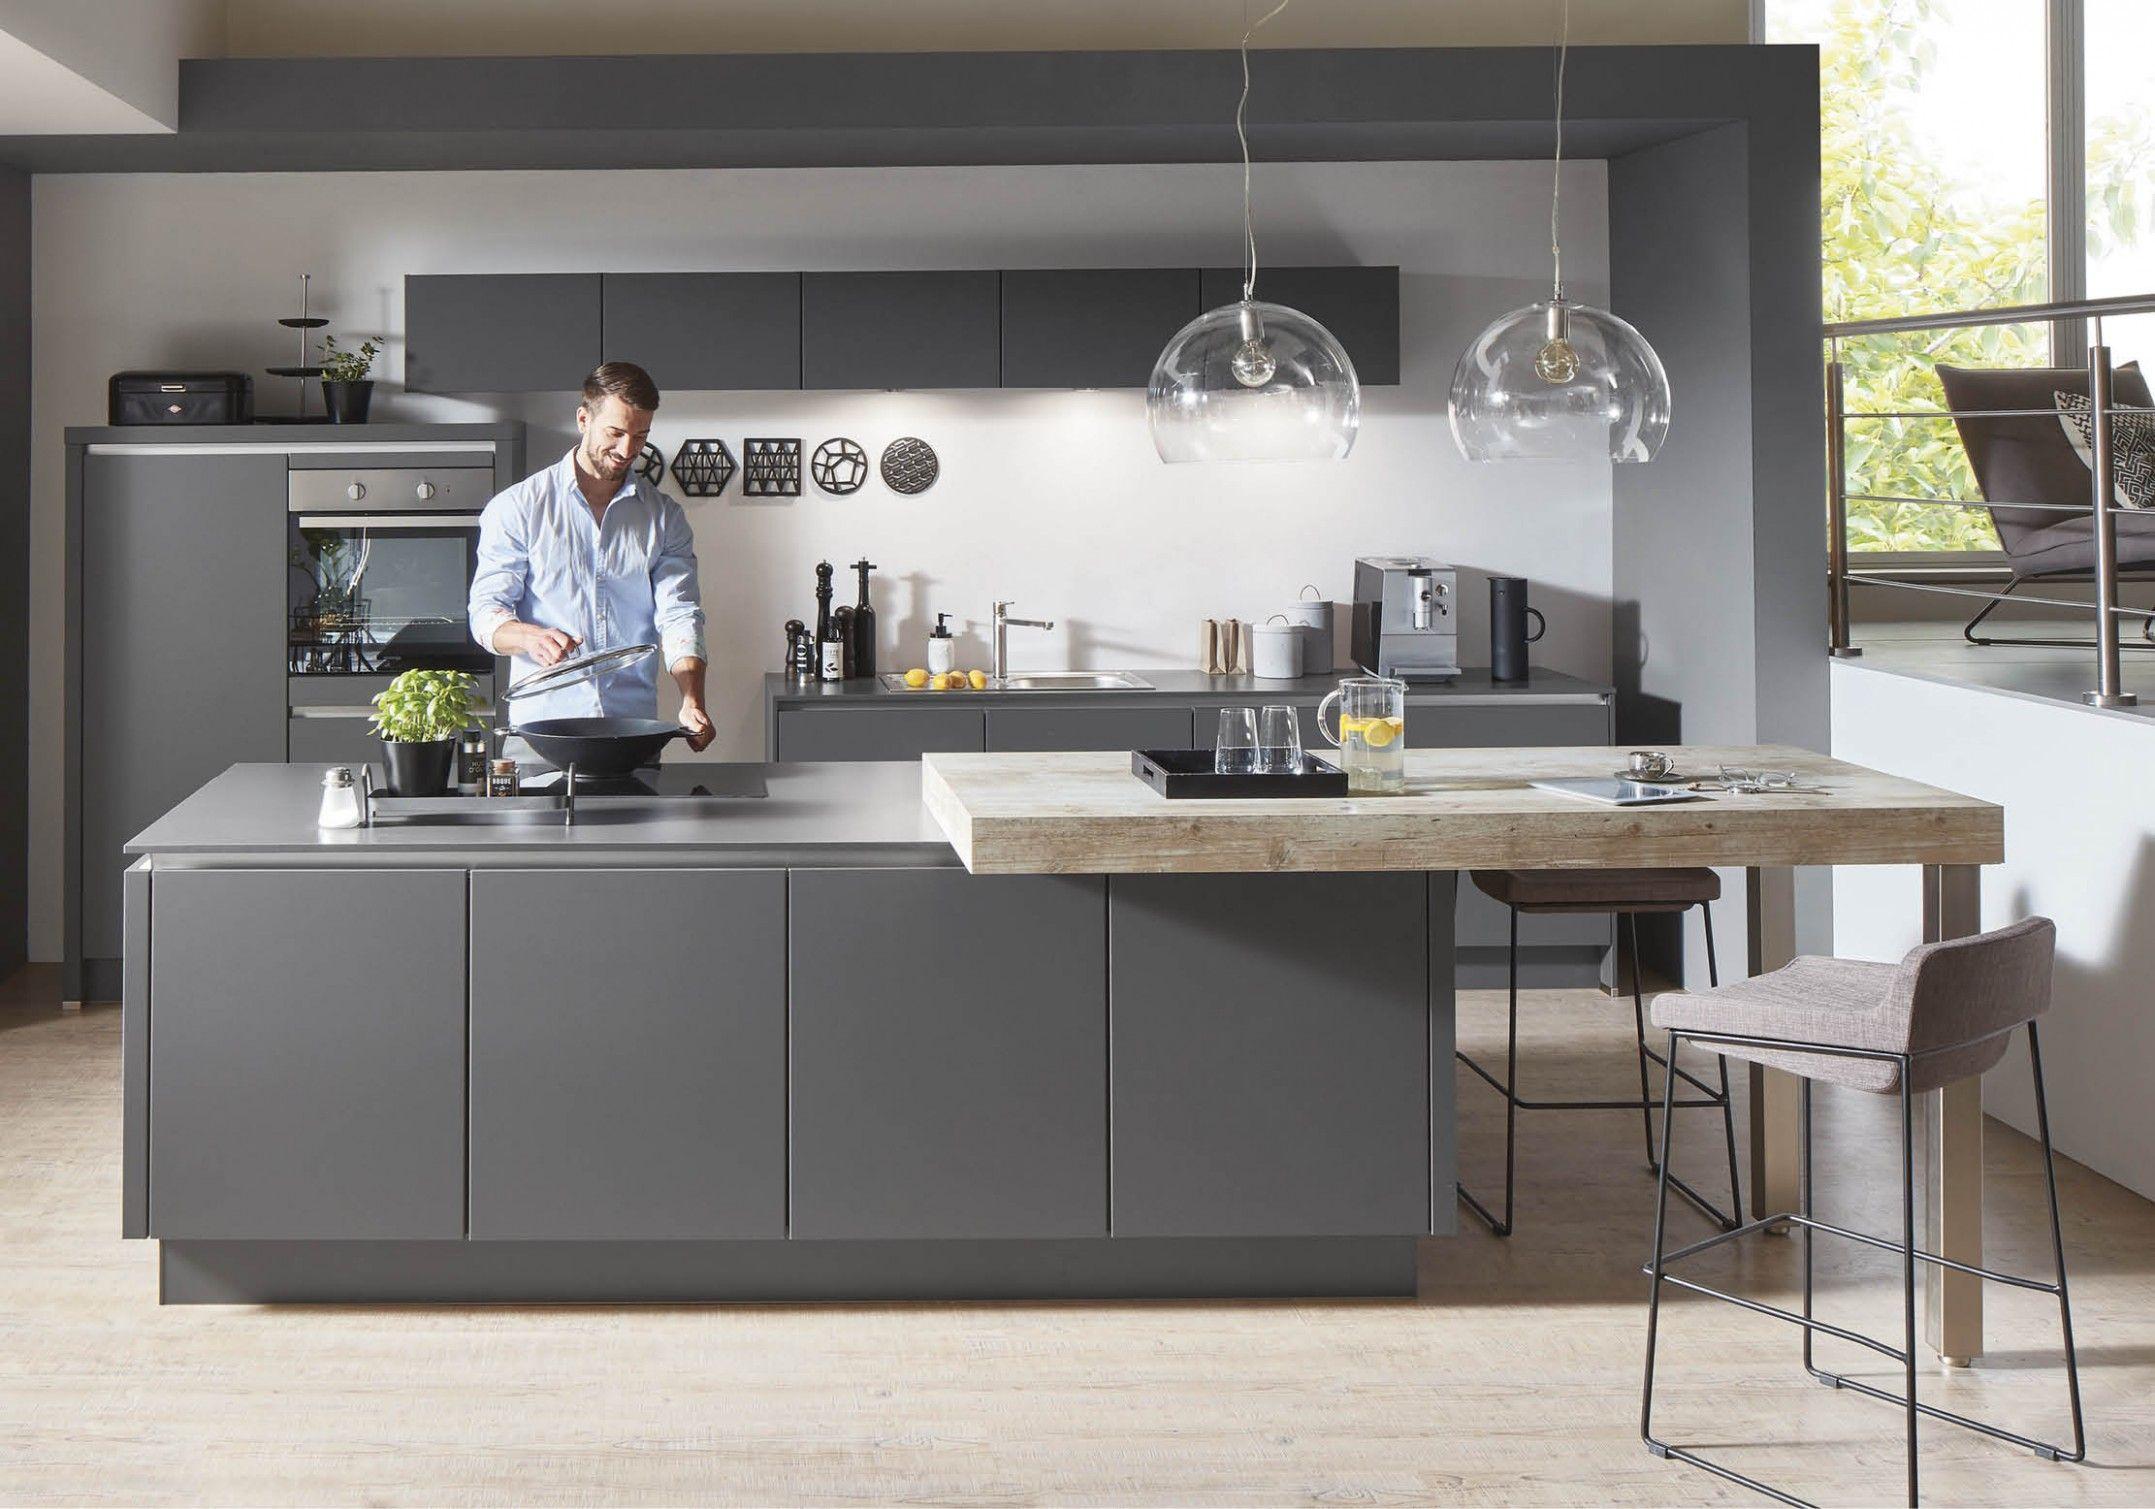 Kuchentisch Nobilia Kitchen House Design Decor